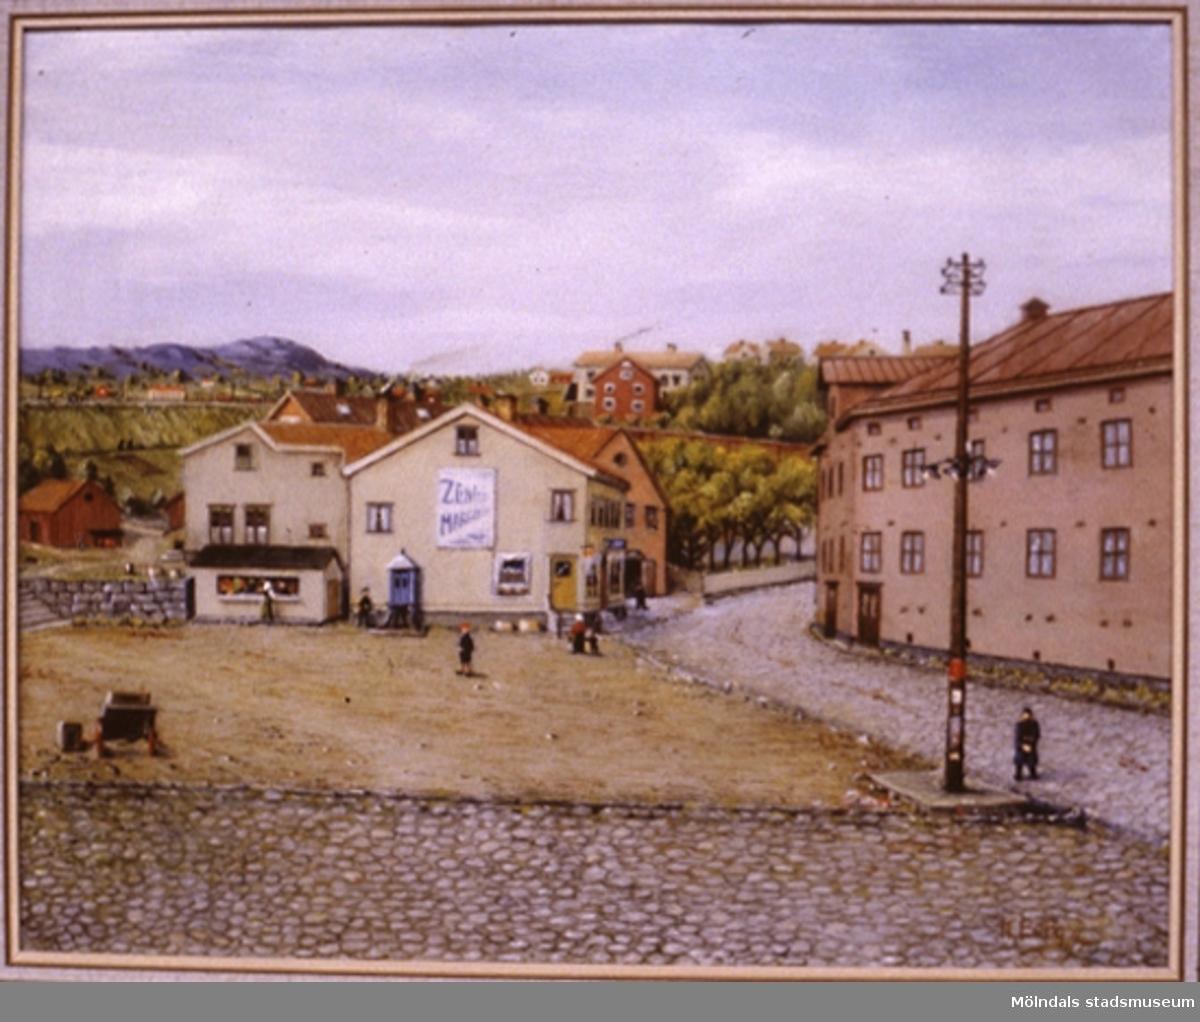 Affärsbyggnader i Mölndal.En tavla målad av den naivistiske mölndalskonstnären Knut Berg.